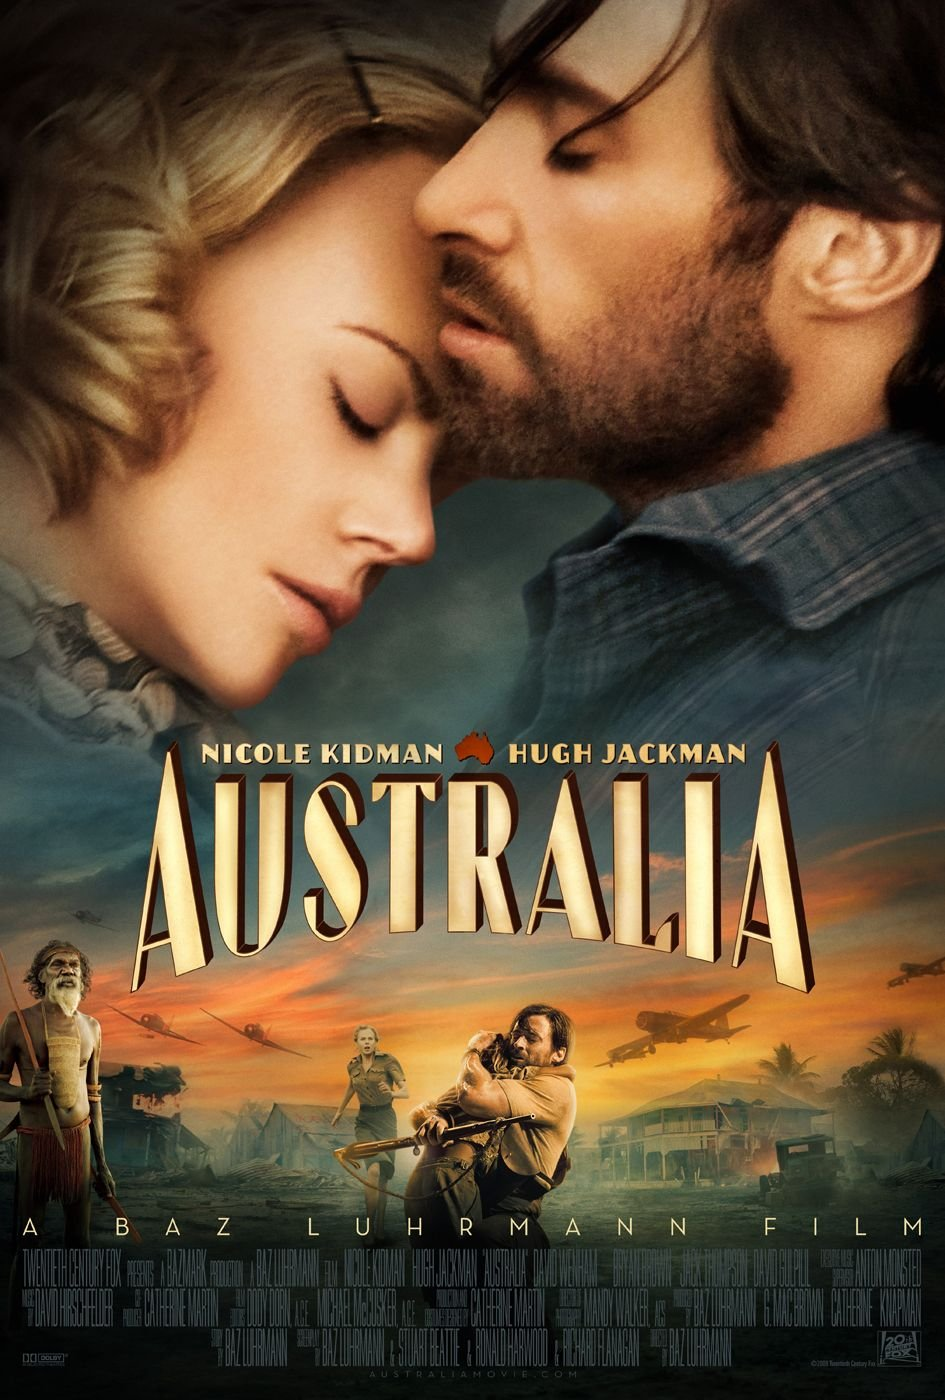 دانلود فیلمAustralia 2008 با دوبله فارسی